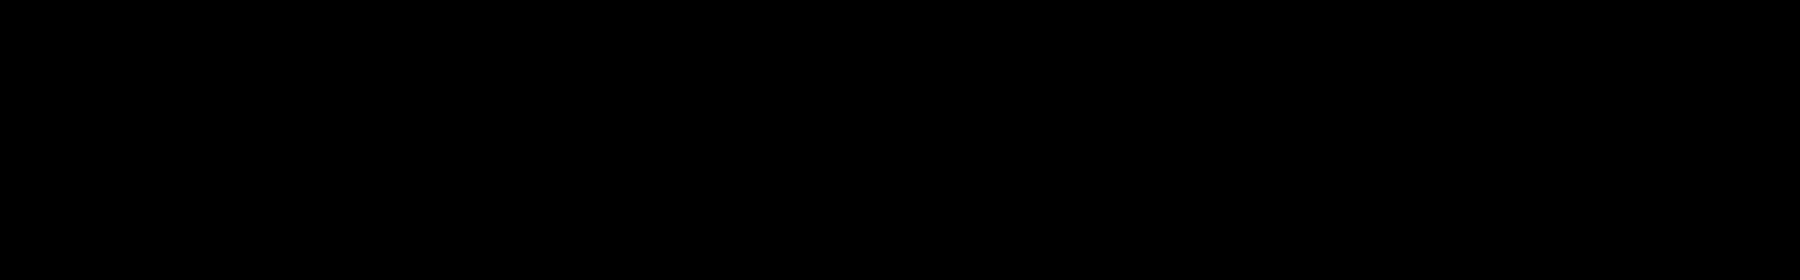 Stellar audio waveform